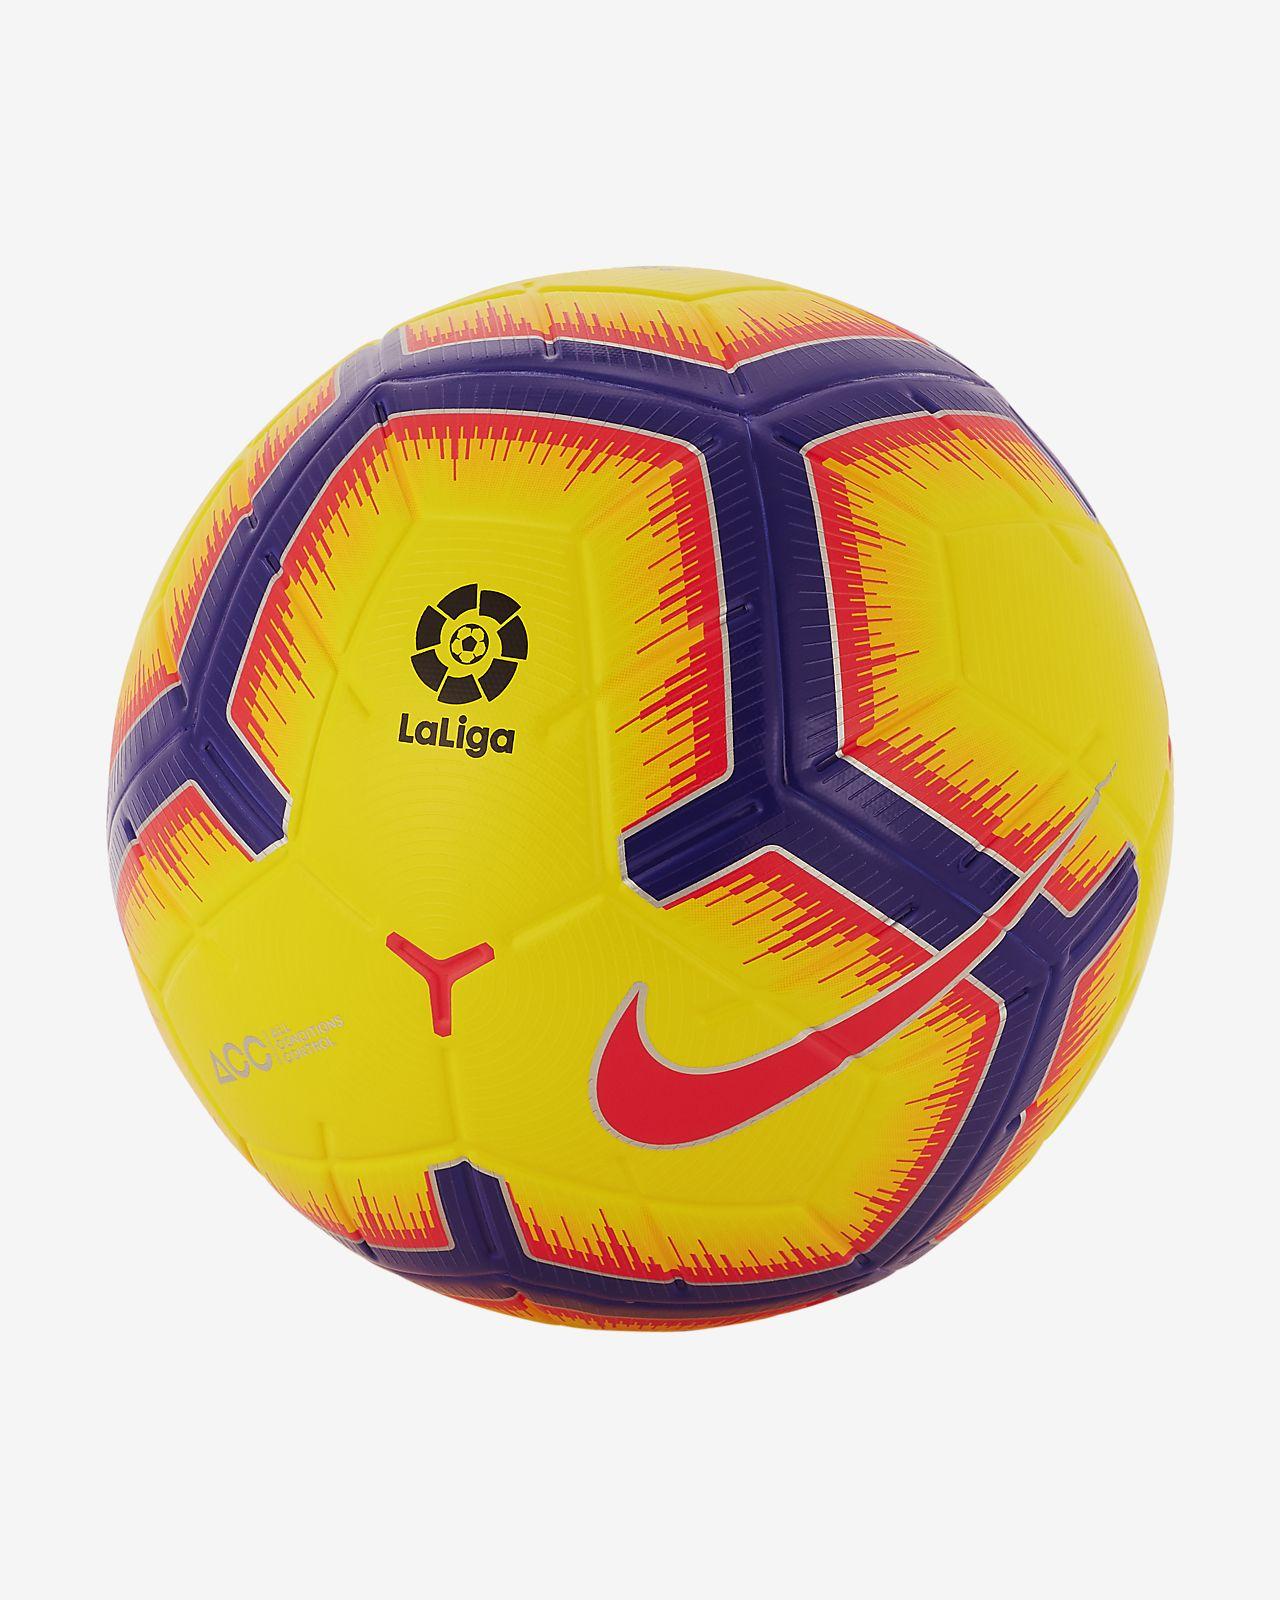 Ballon de football La Liga Merlin